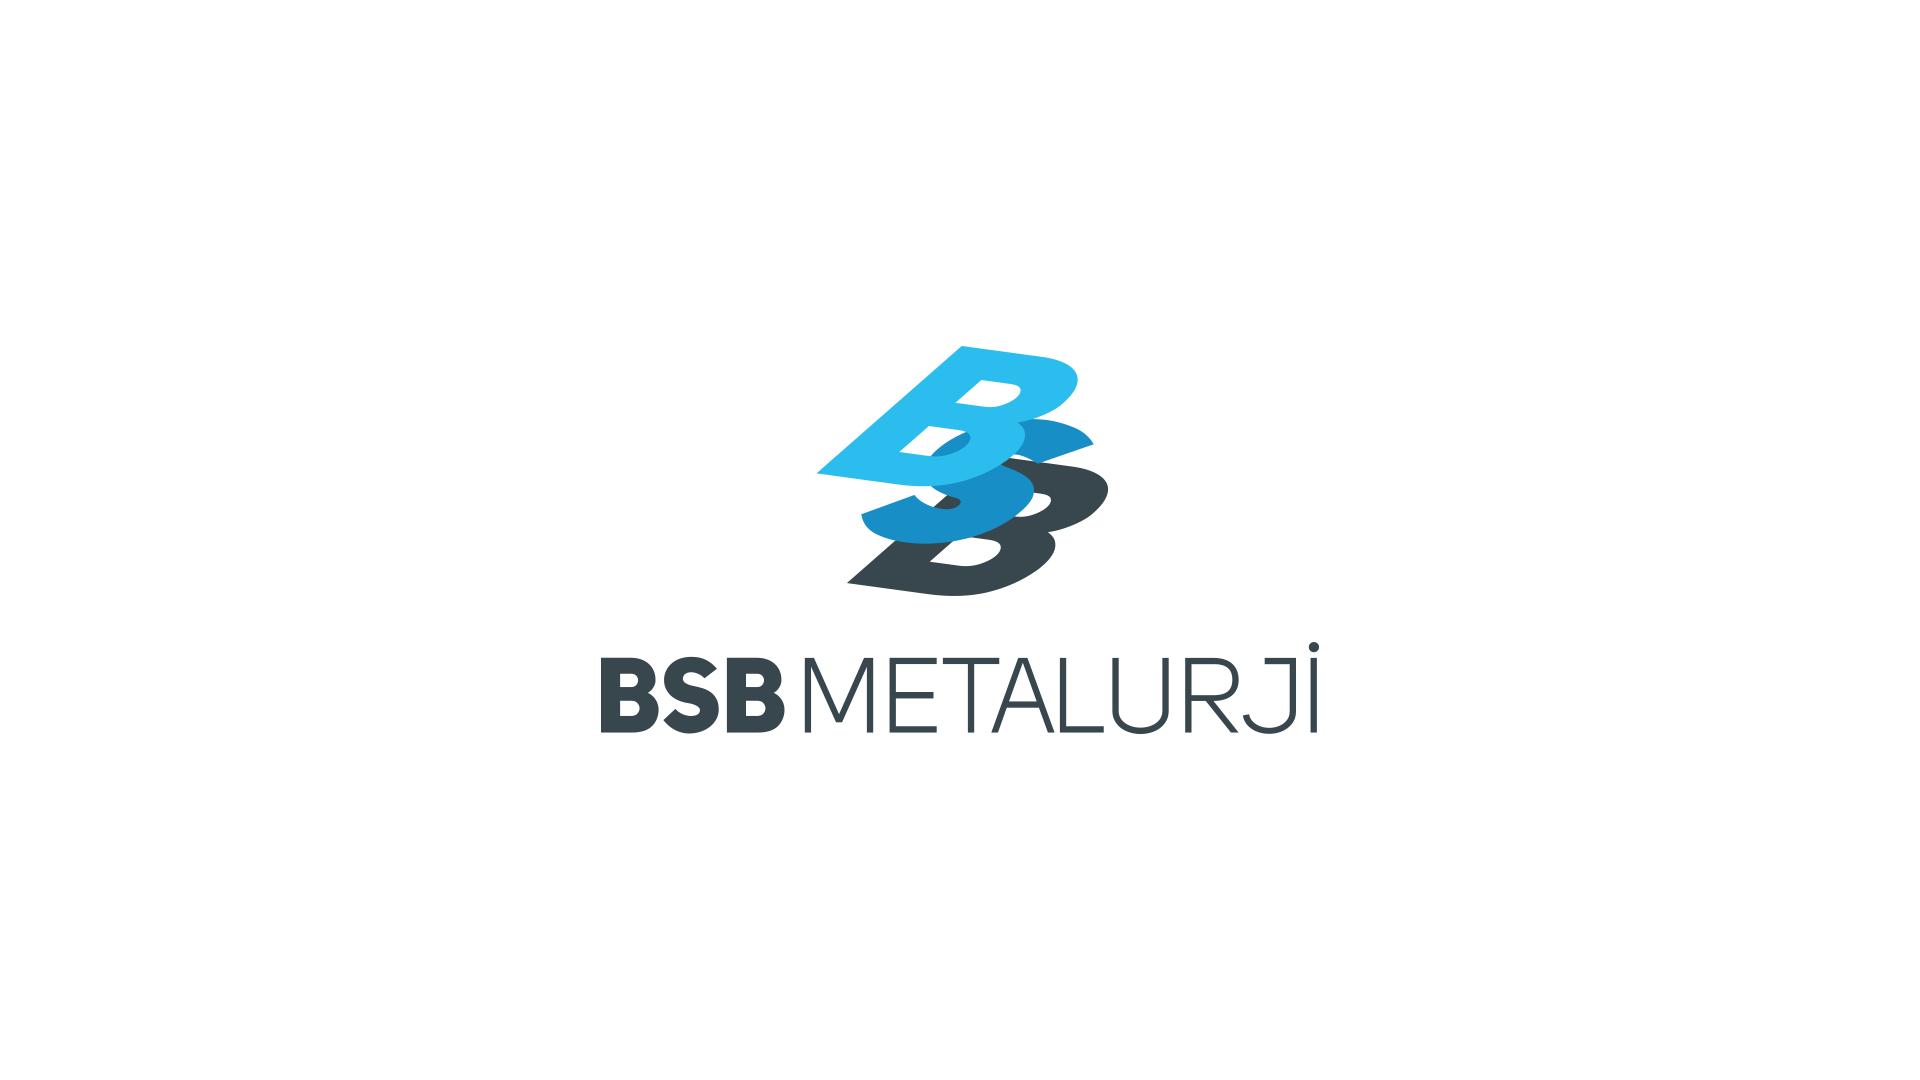 Bsb Metalurji